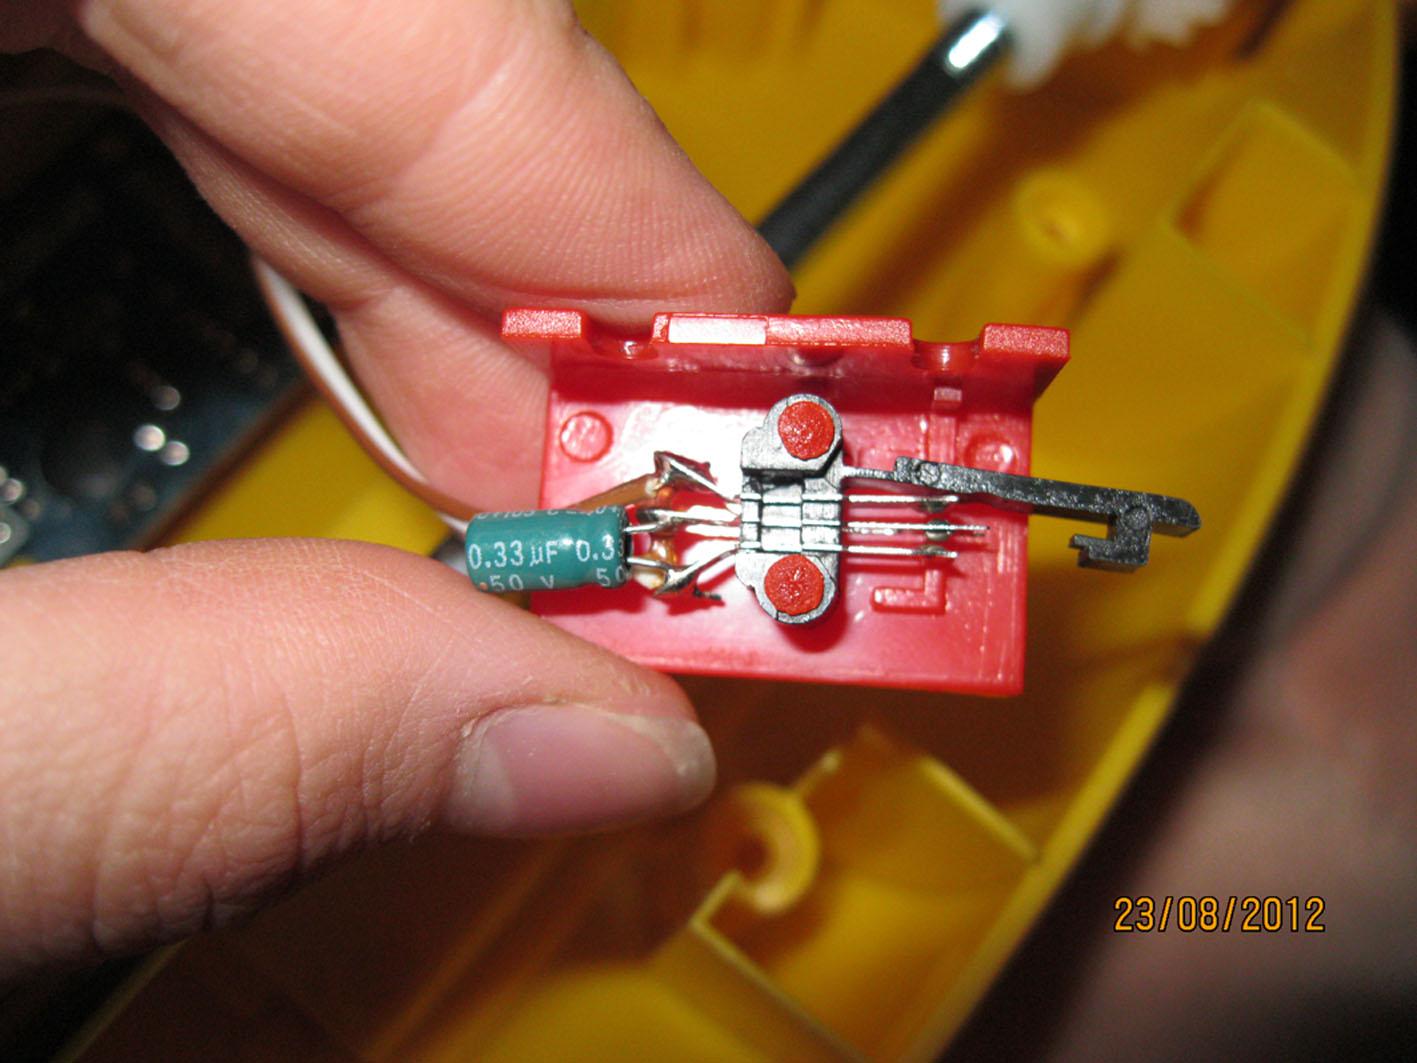 pioneer dvh-850avbt инструкция по подключению